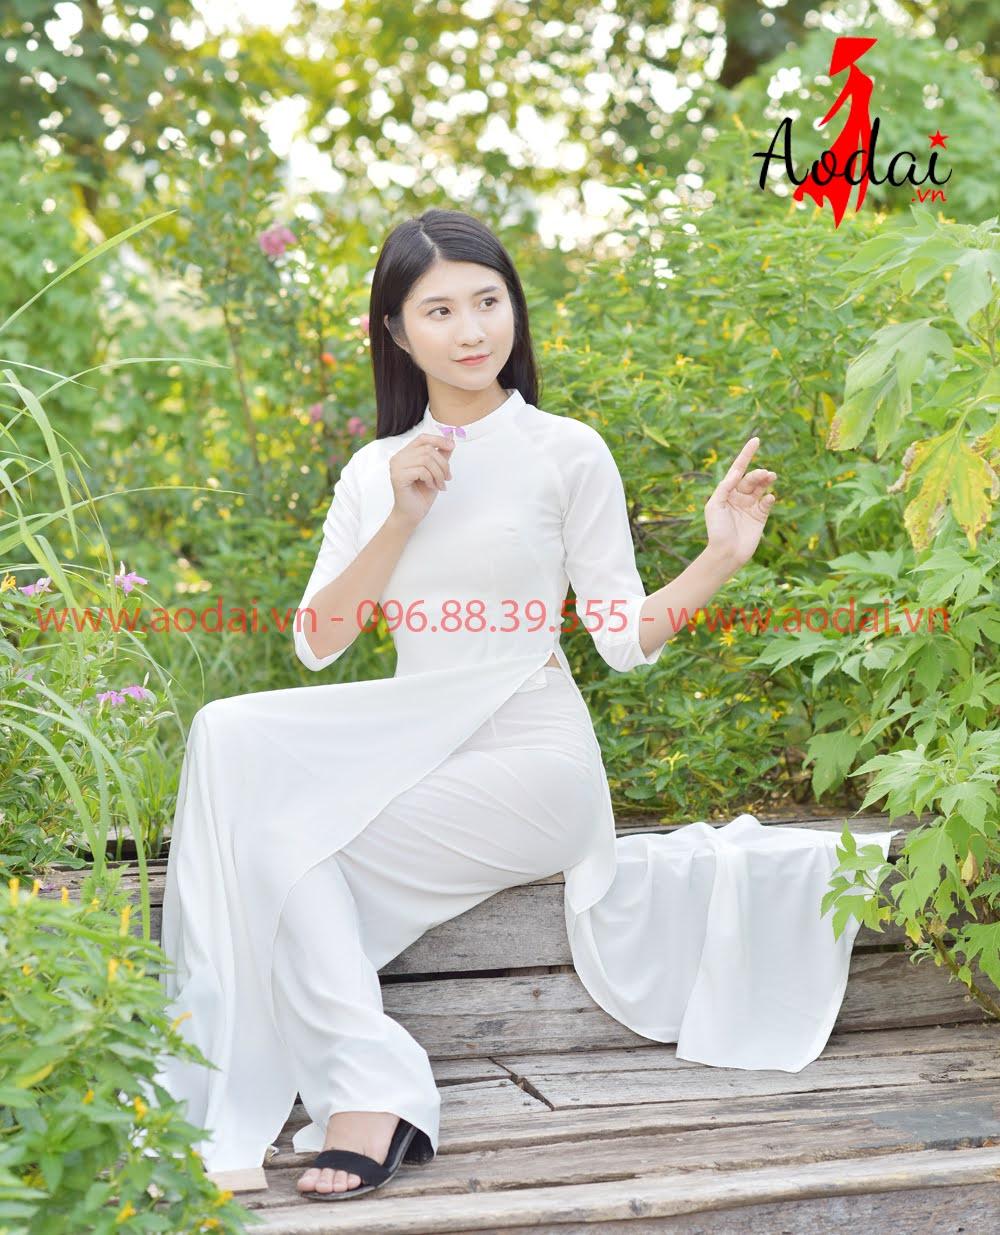 May áo dài tại Nghệ An